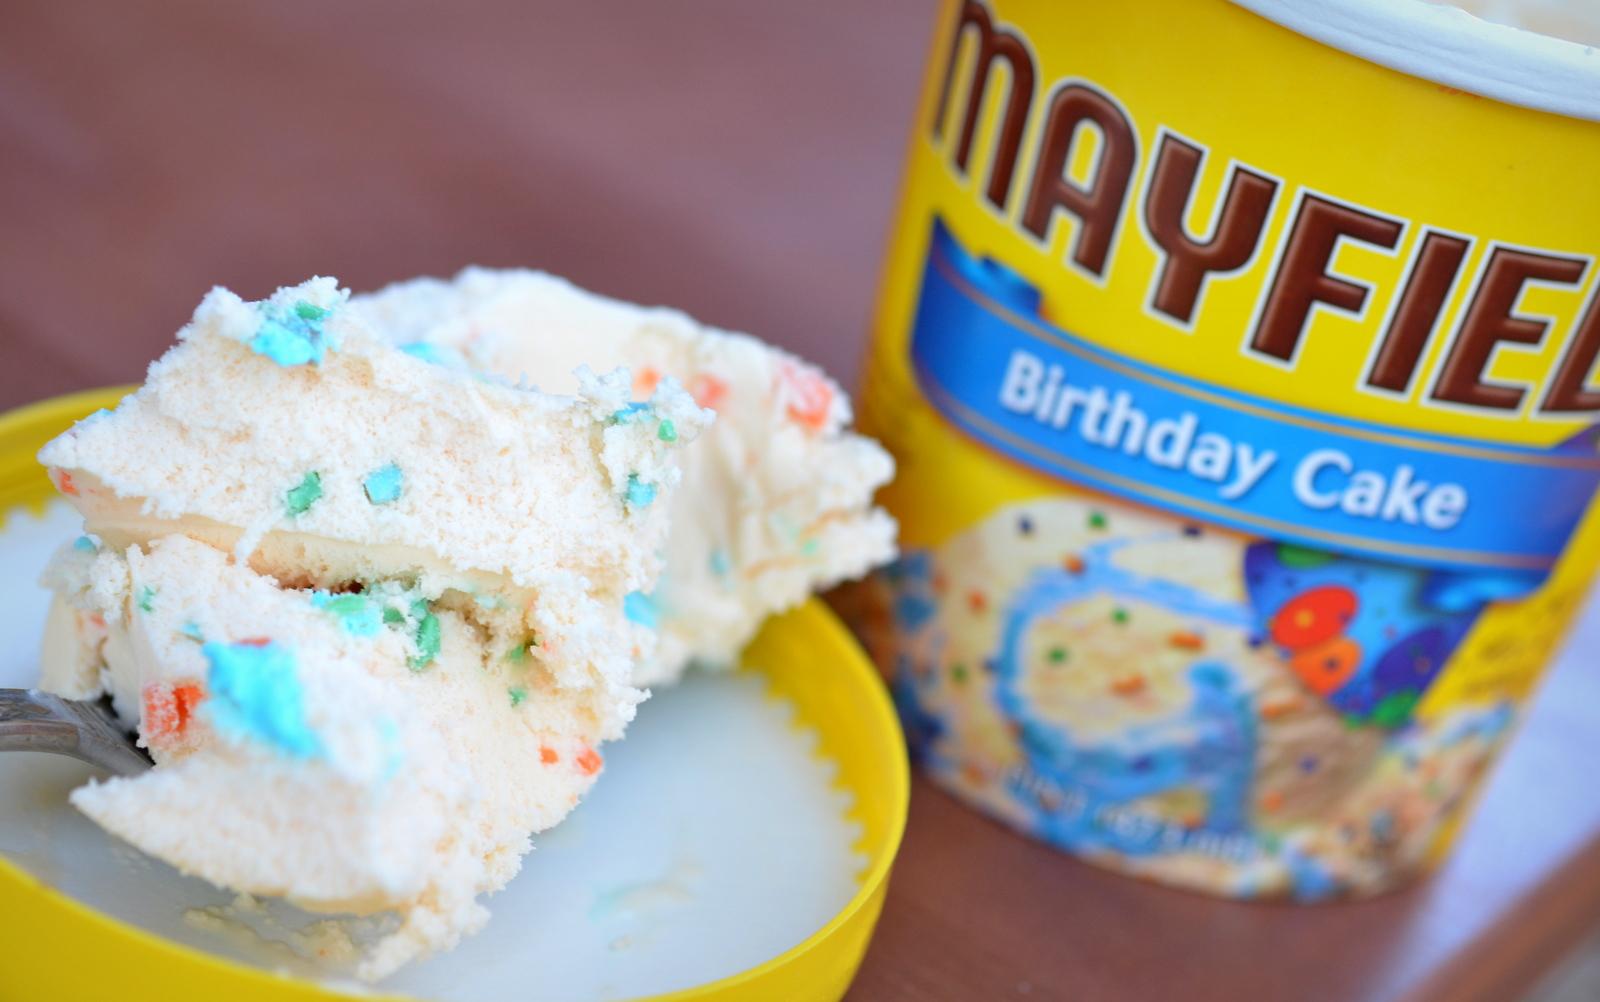 Birthday Cake And Ice Cream Images : BIRTHDAY CAKE ICE CREAM - Fomanda Gasa